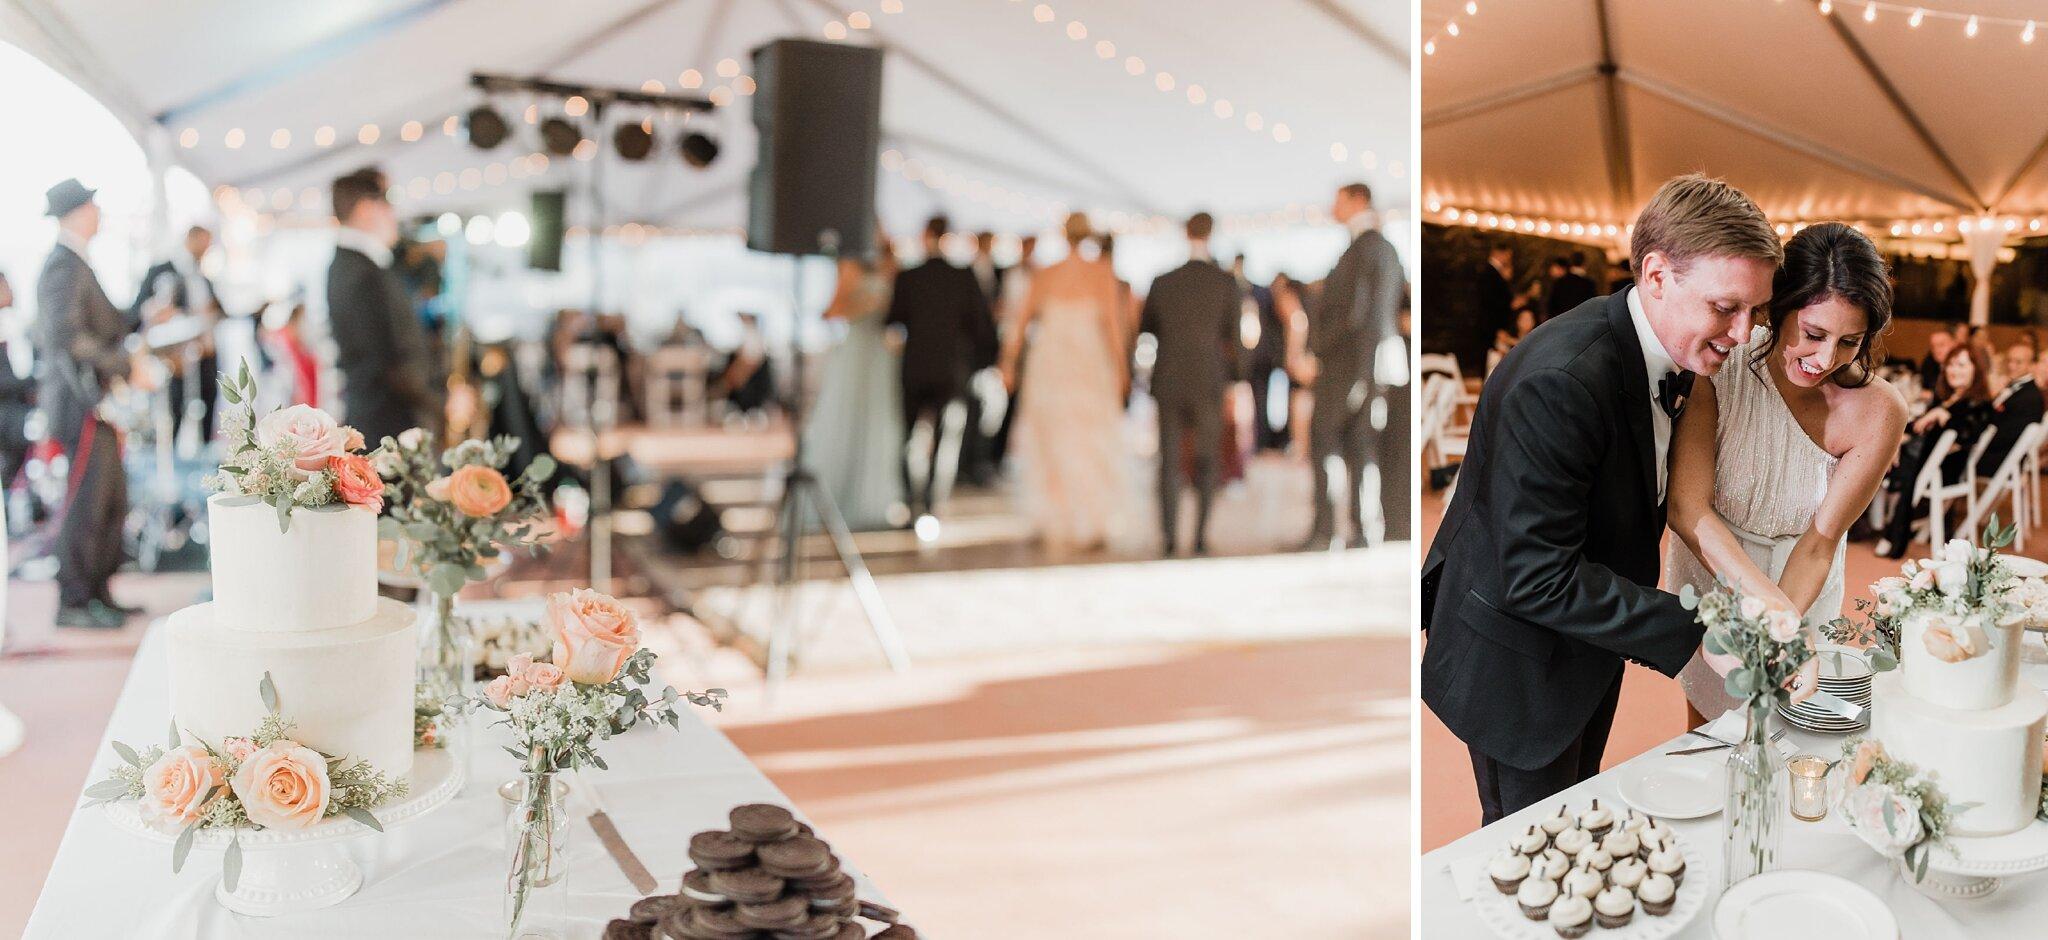 Alicia+lucia+photography+-+albuquerque+wedding+photographer+-+santa+fe+wedding+photography+-+new+mexico+wedding+photographer+-+new+mexico+wedding+-+wedding+-+wedding+cakes+-+flroal+cake+-+santa+fe+cake+-+santa+fe+baker_0003.jpg